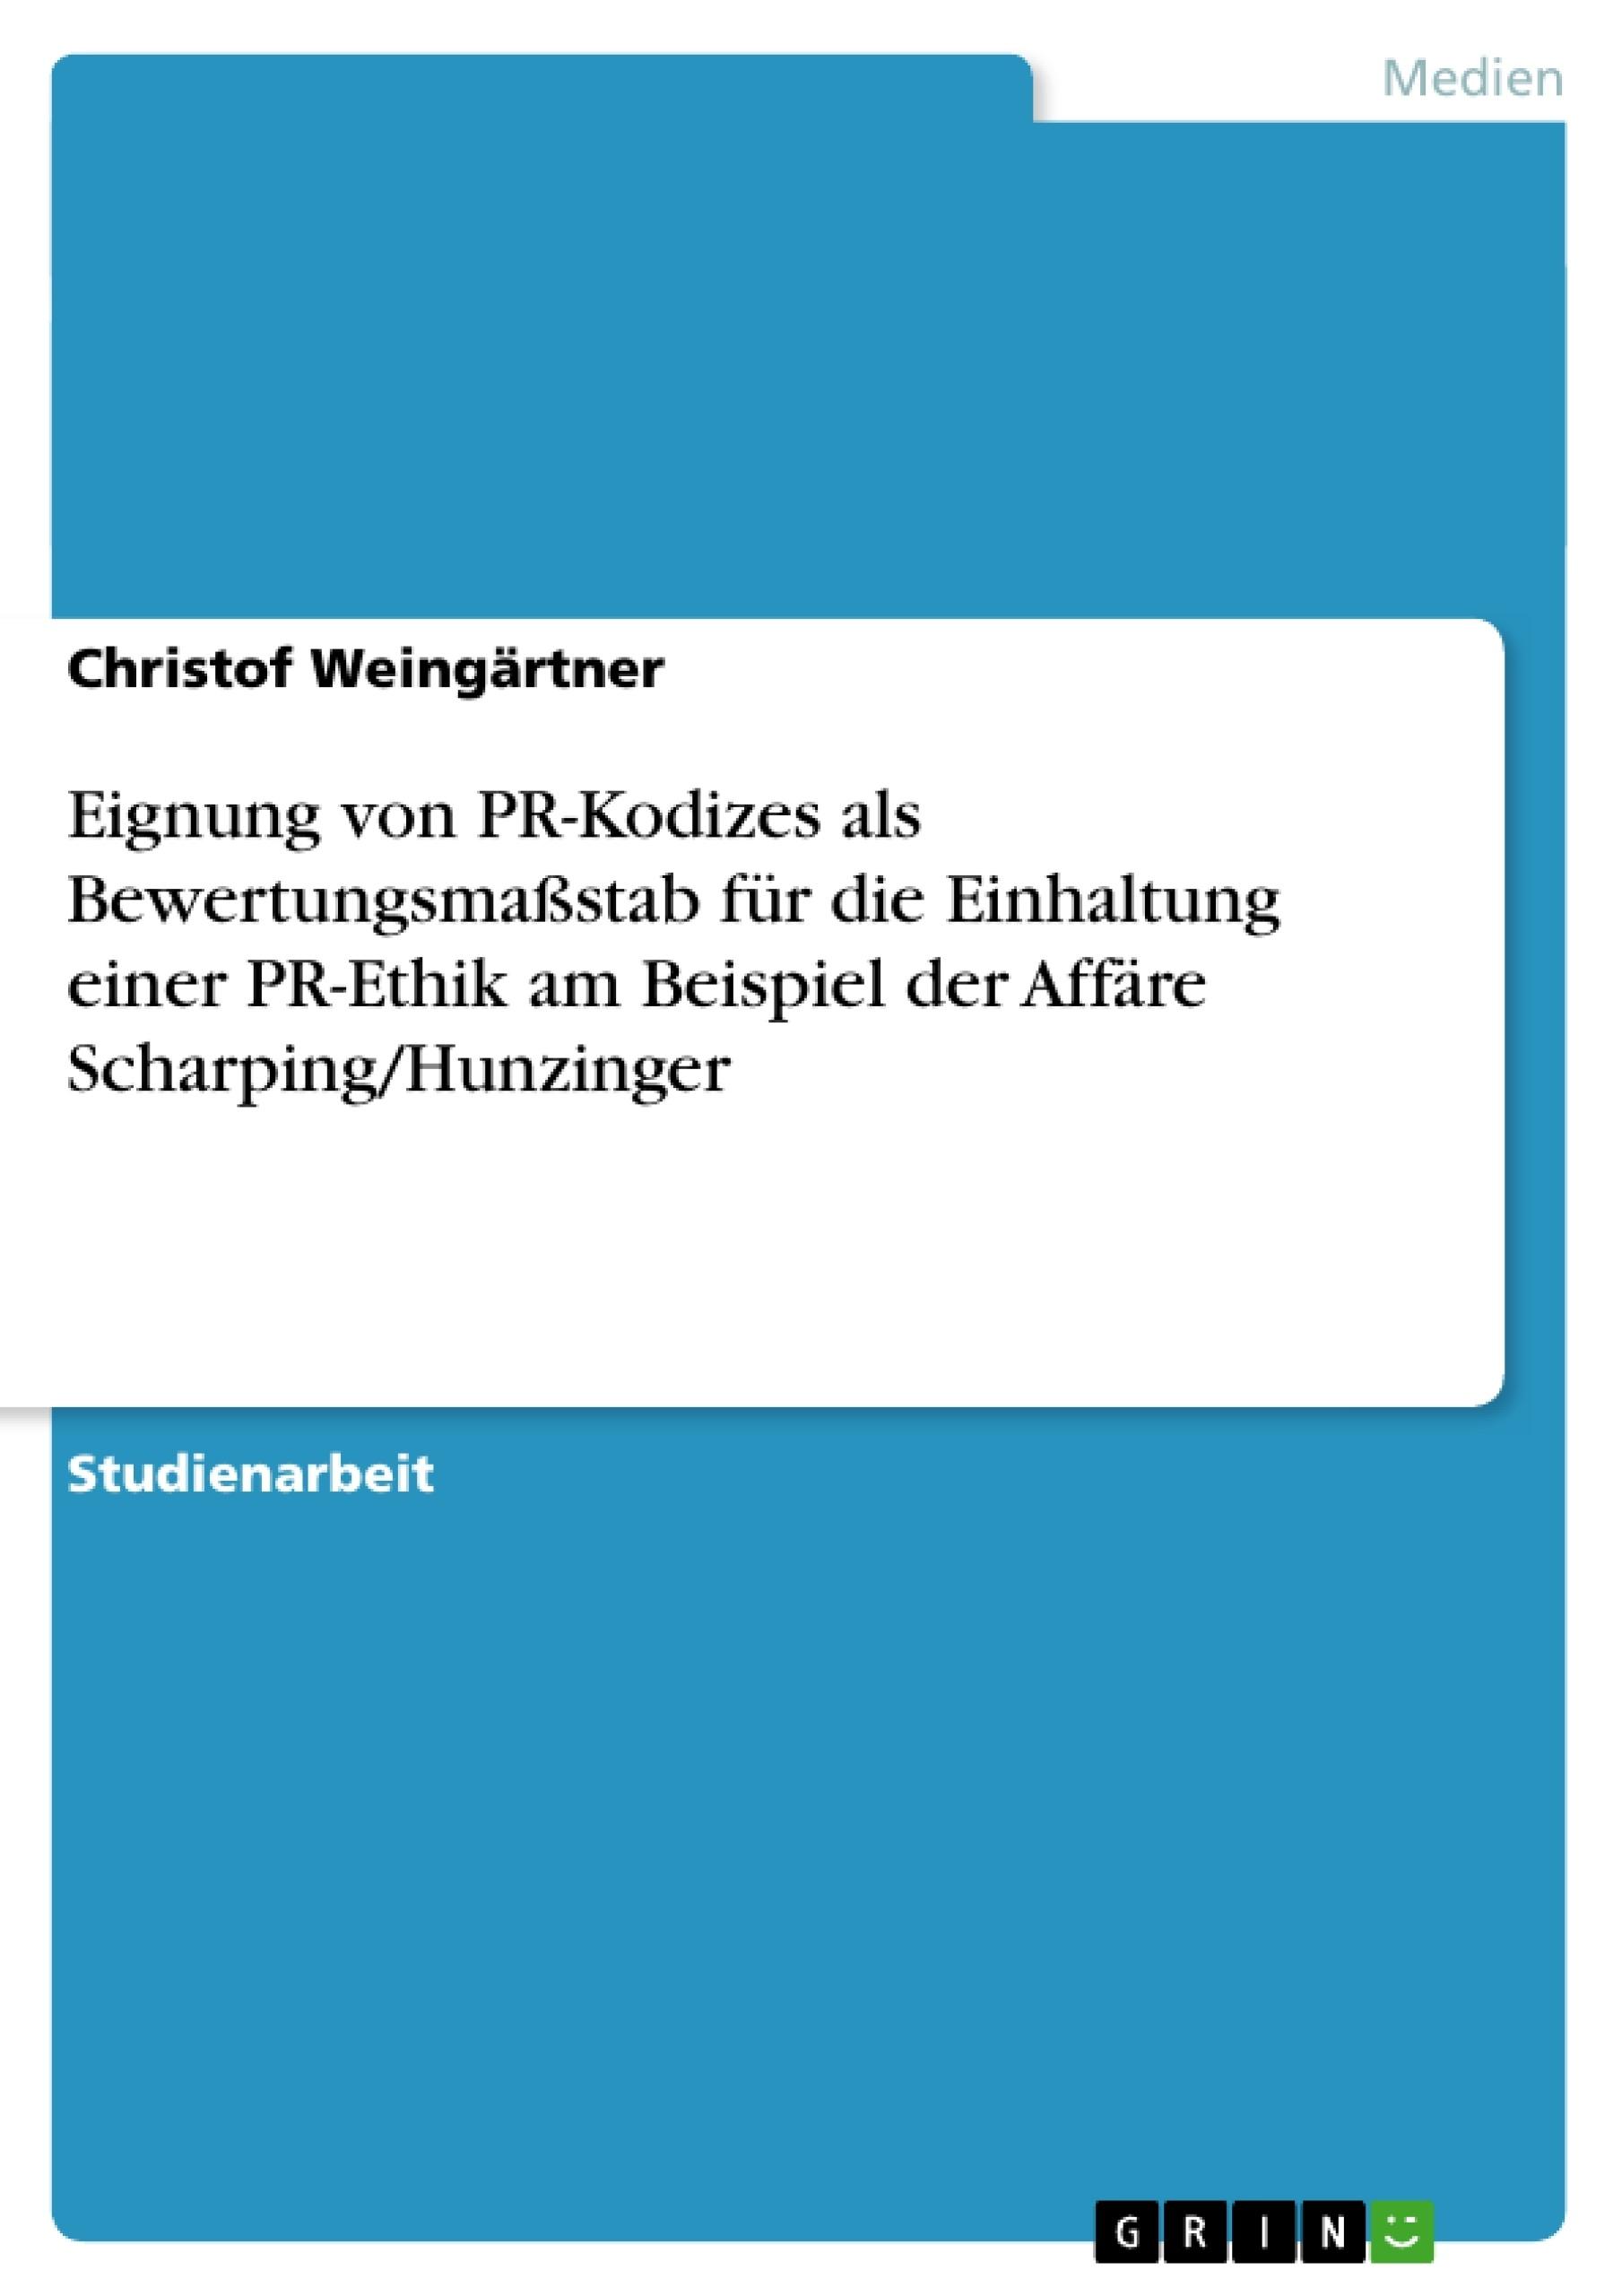 Titel: Eignung von PR-Kodizes als Bewertungsmaßstab für die Einhaltung einer PR-Ethik am Beispiel der Affäre Scharping/Hunzinger